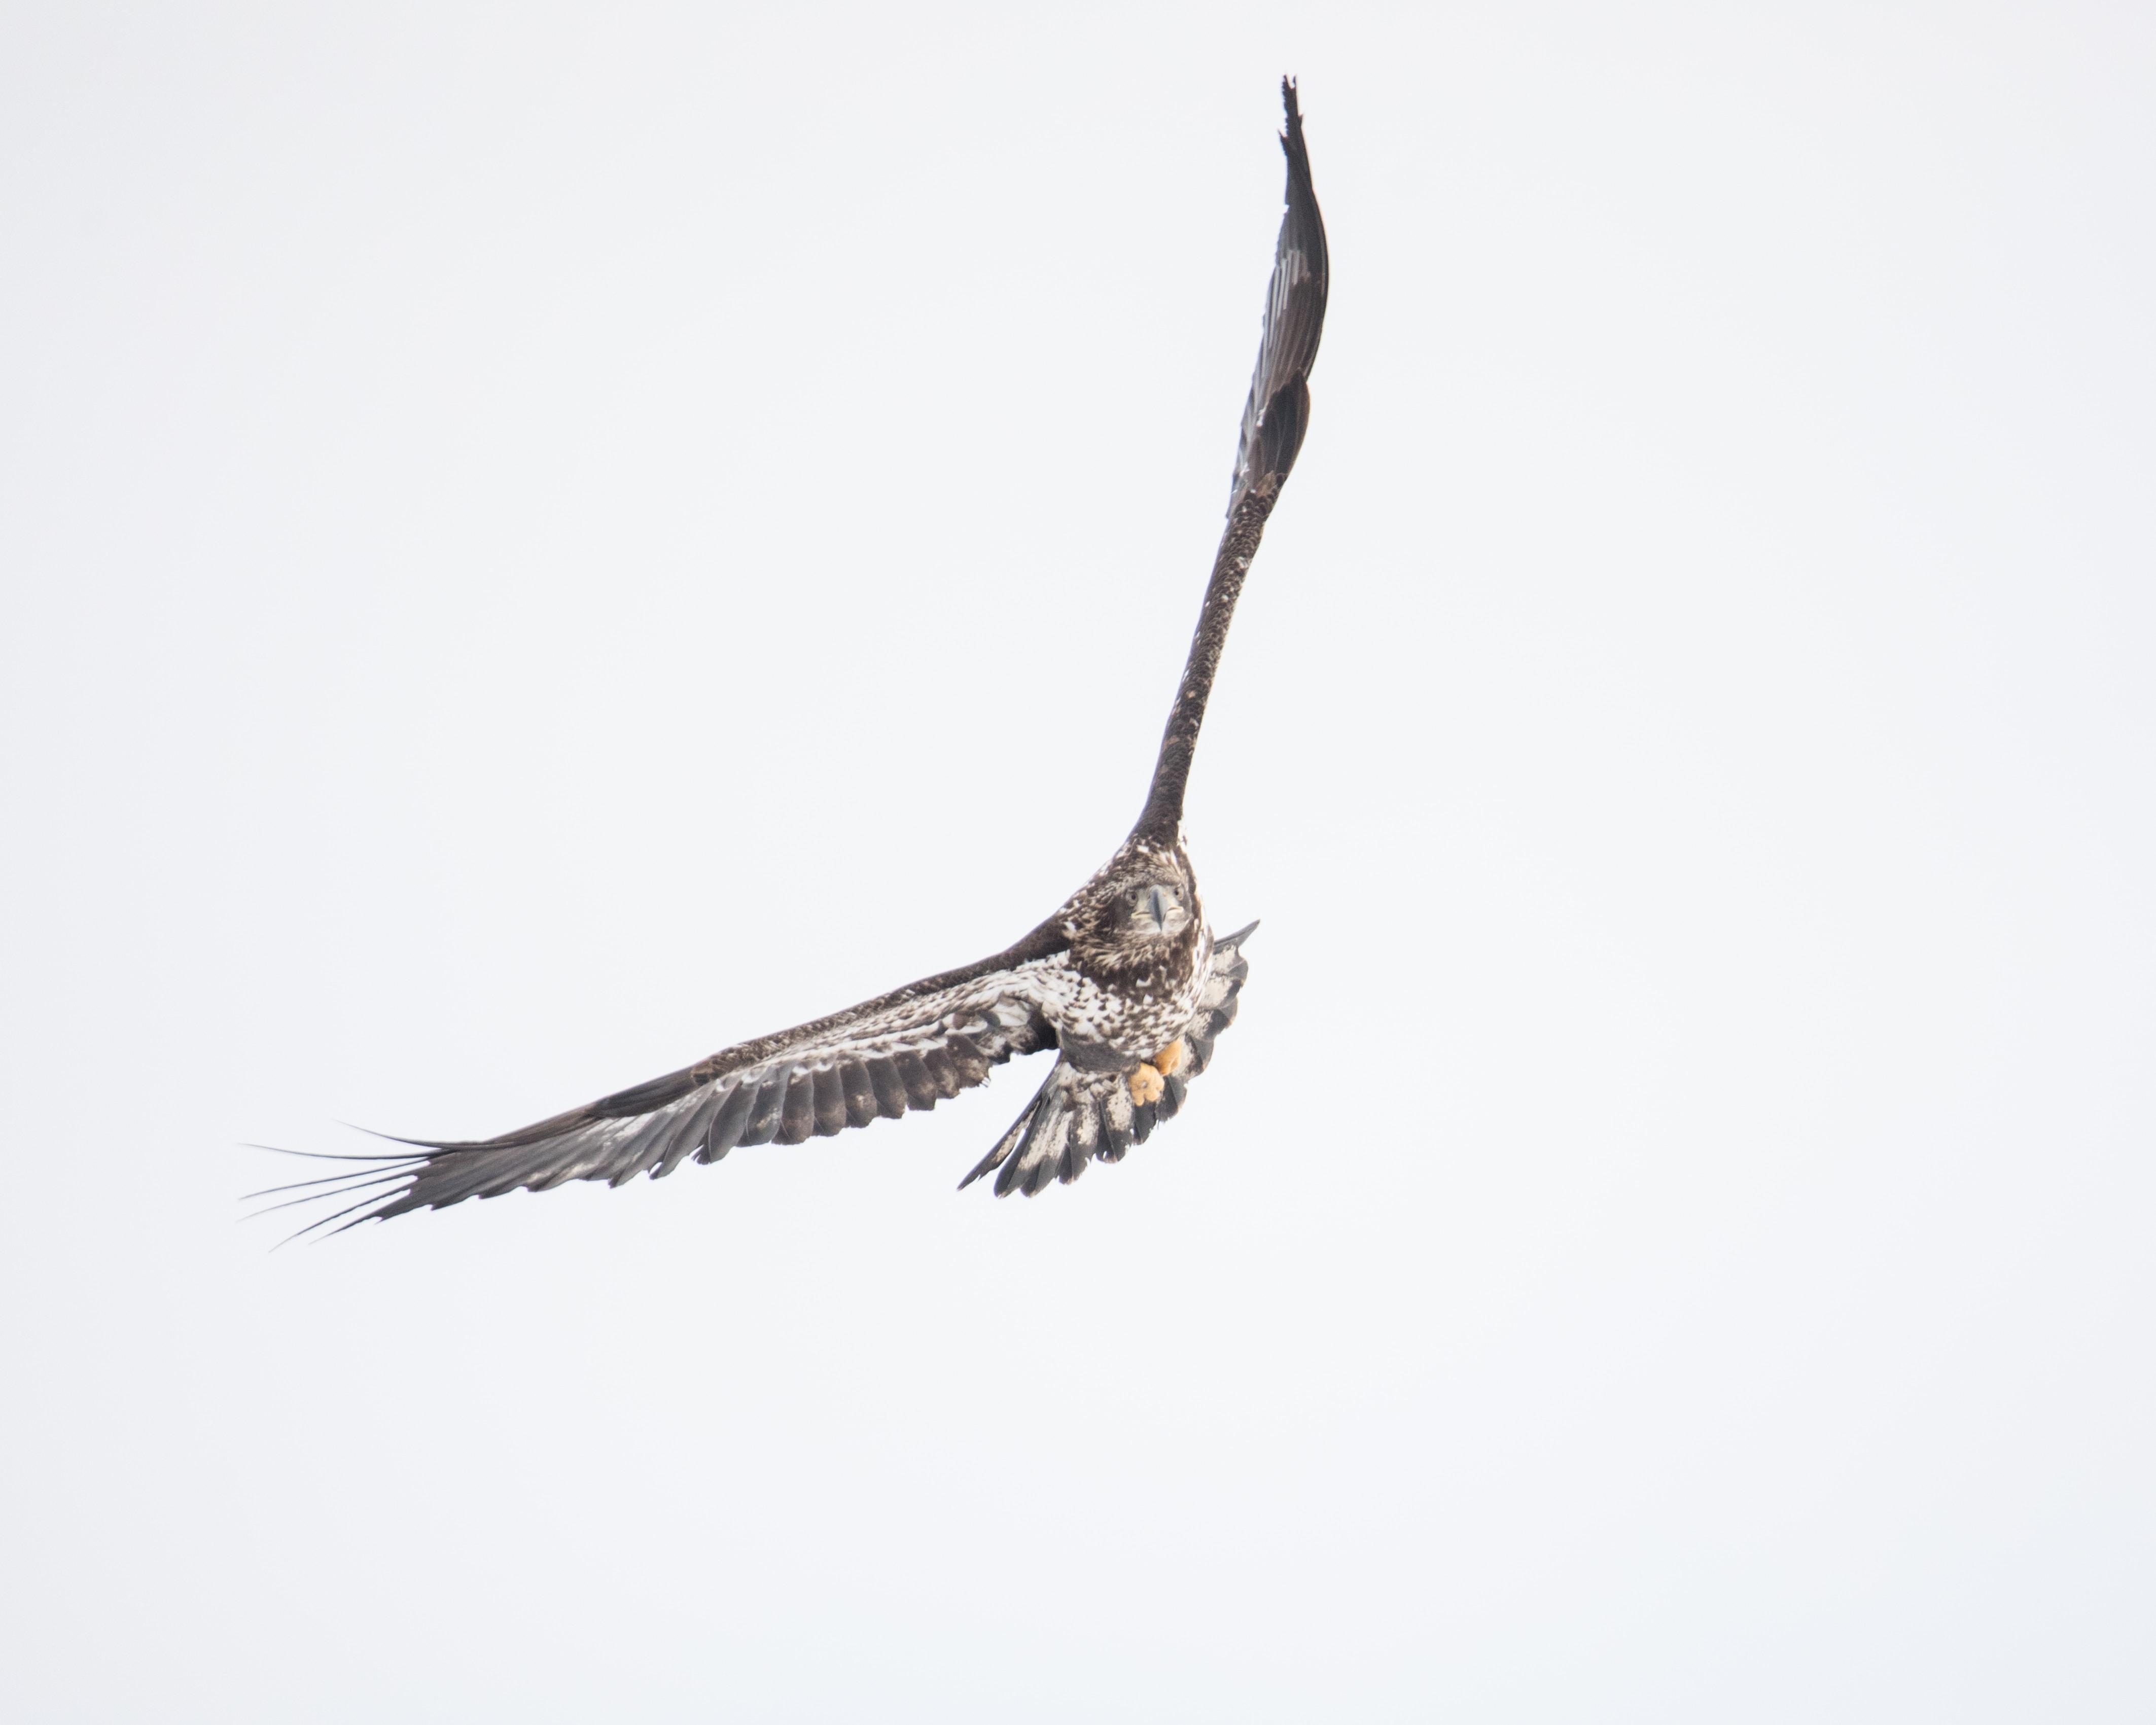 brown owl flying midair